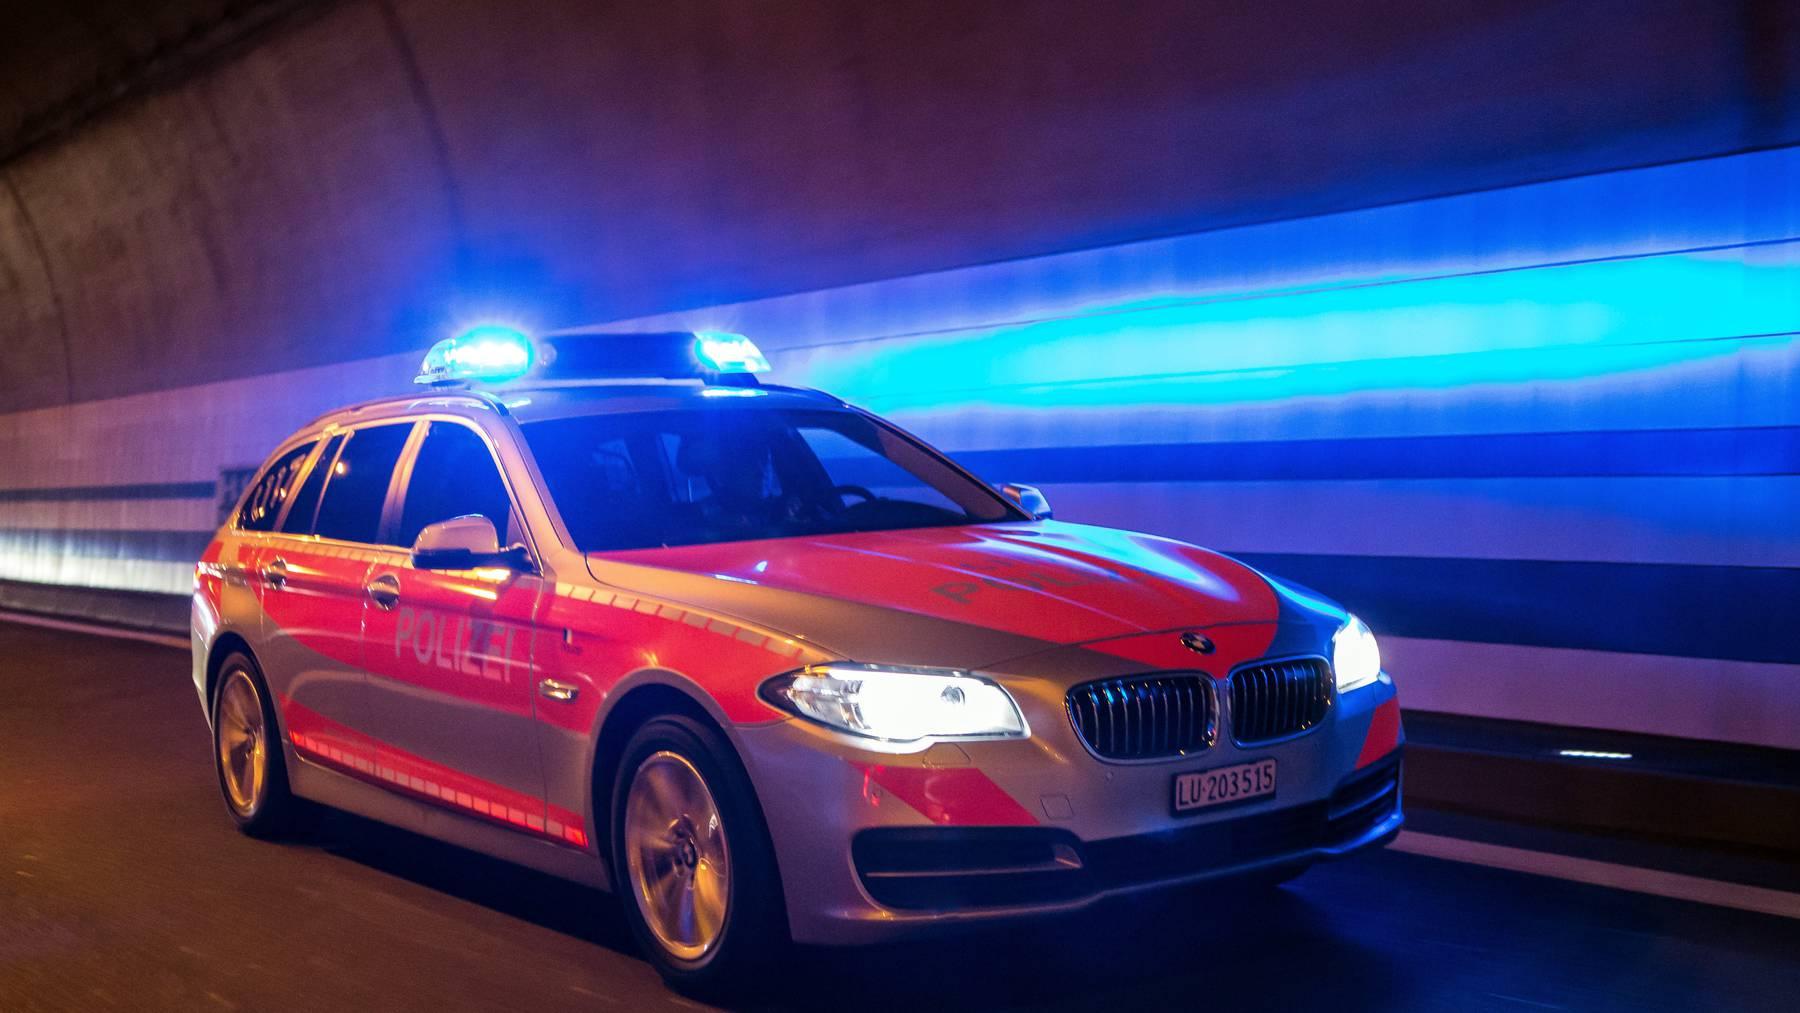 Luzerner Polizei im Einsatz (Symbolbild)